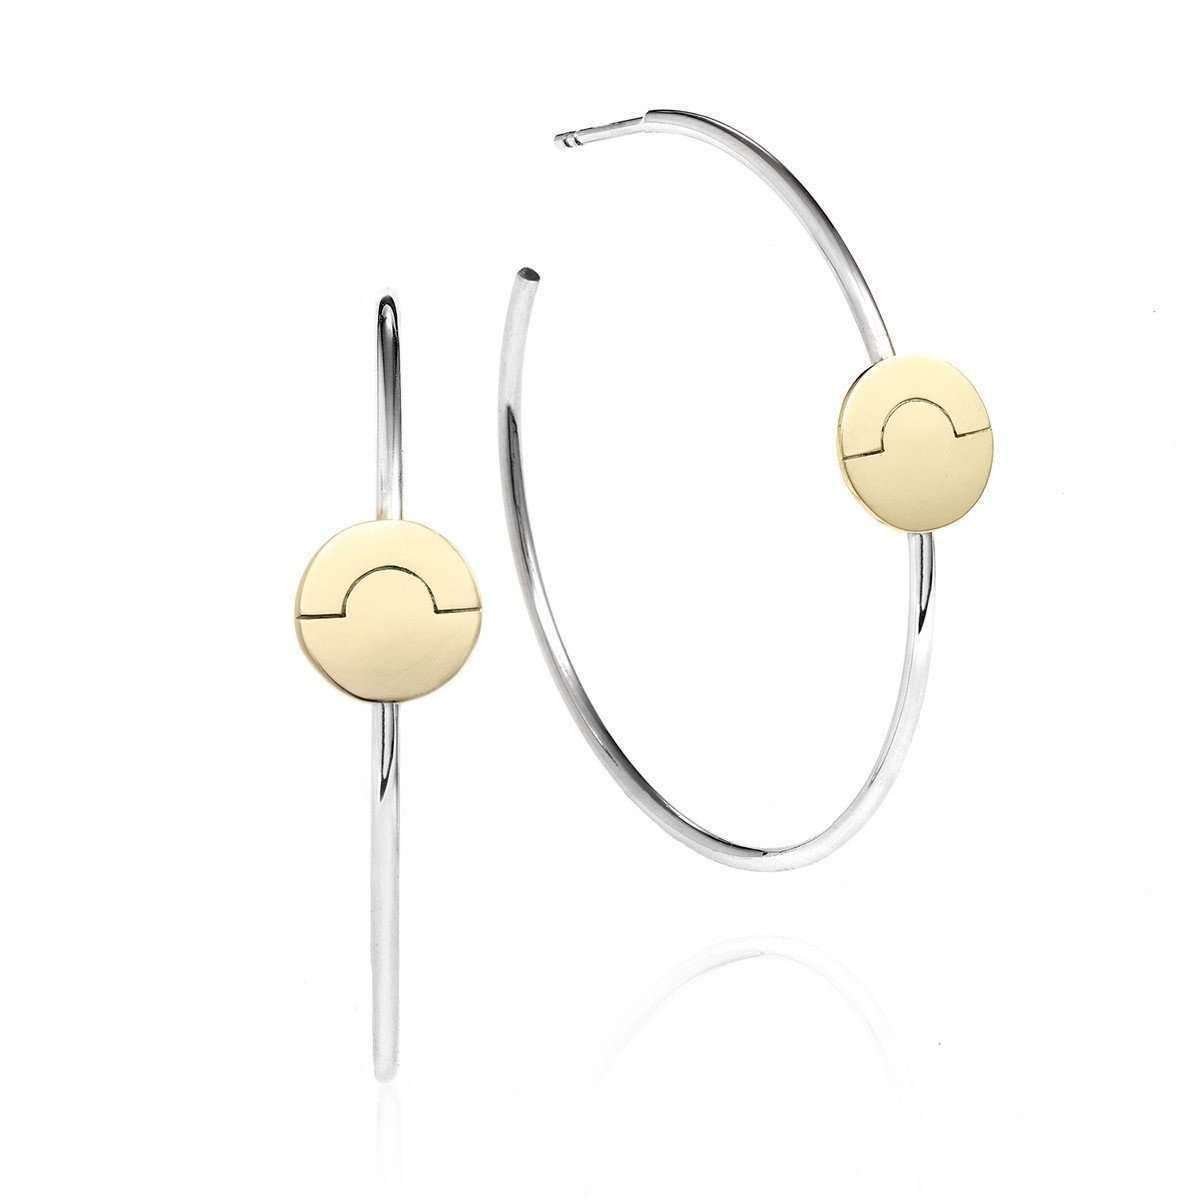 Lani Vincoli H8 - 14kt White Gold Hoop Earrings 4hgR3M0o